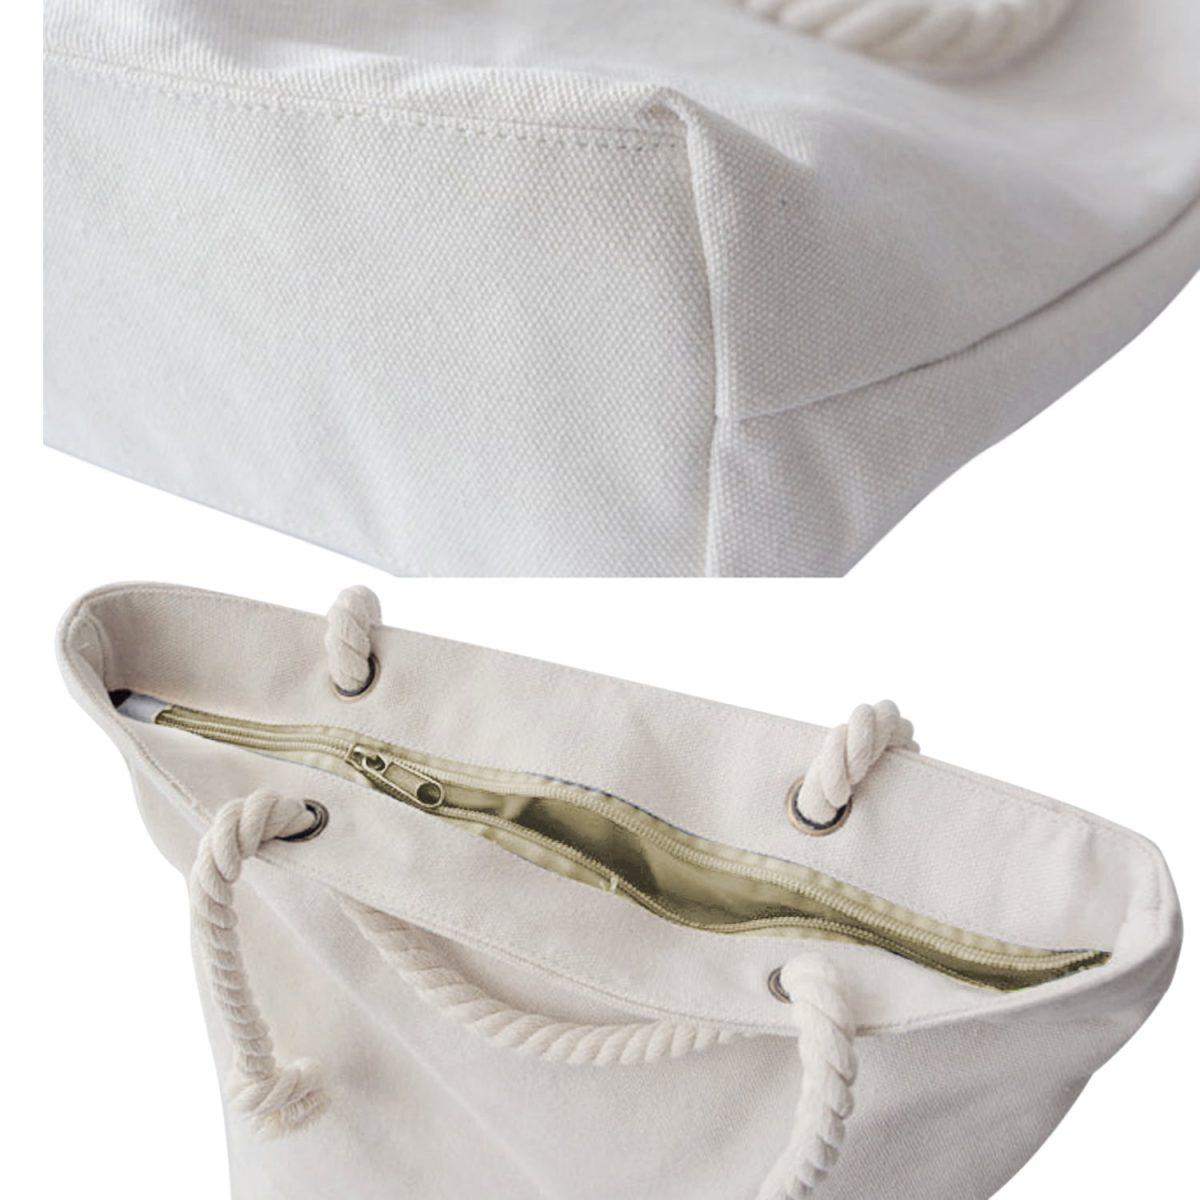 Pembe Zeminde XO Özel Tasarımlı Dijital Baskılı Fermuarlı Kumaş Çanta Realhomes